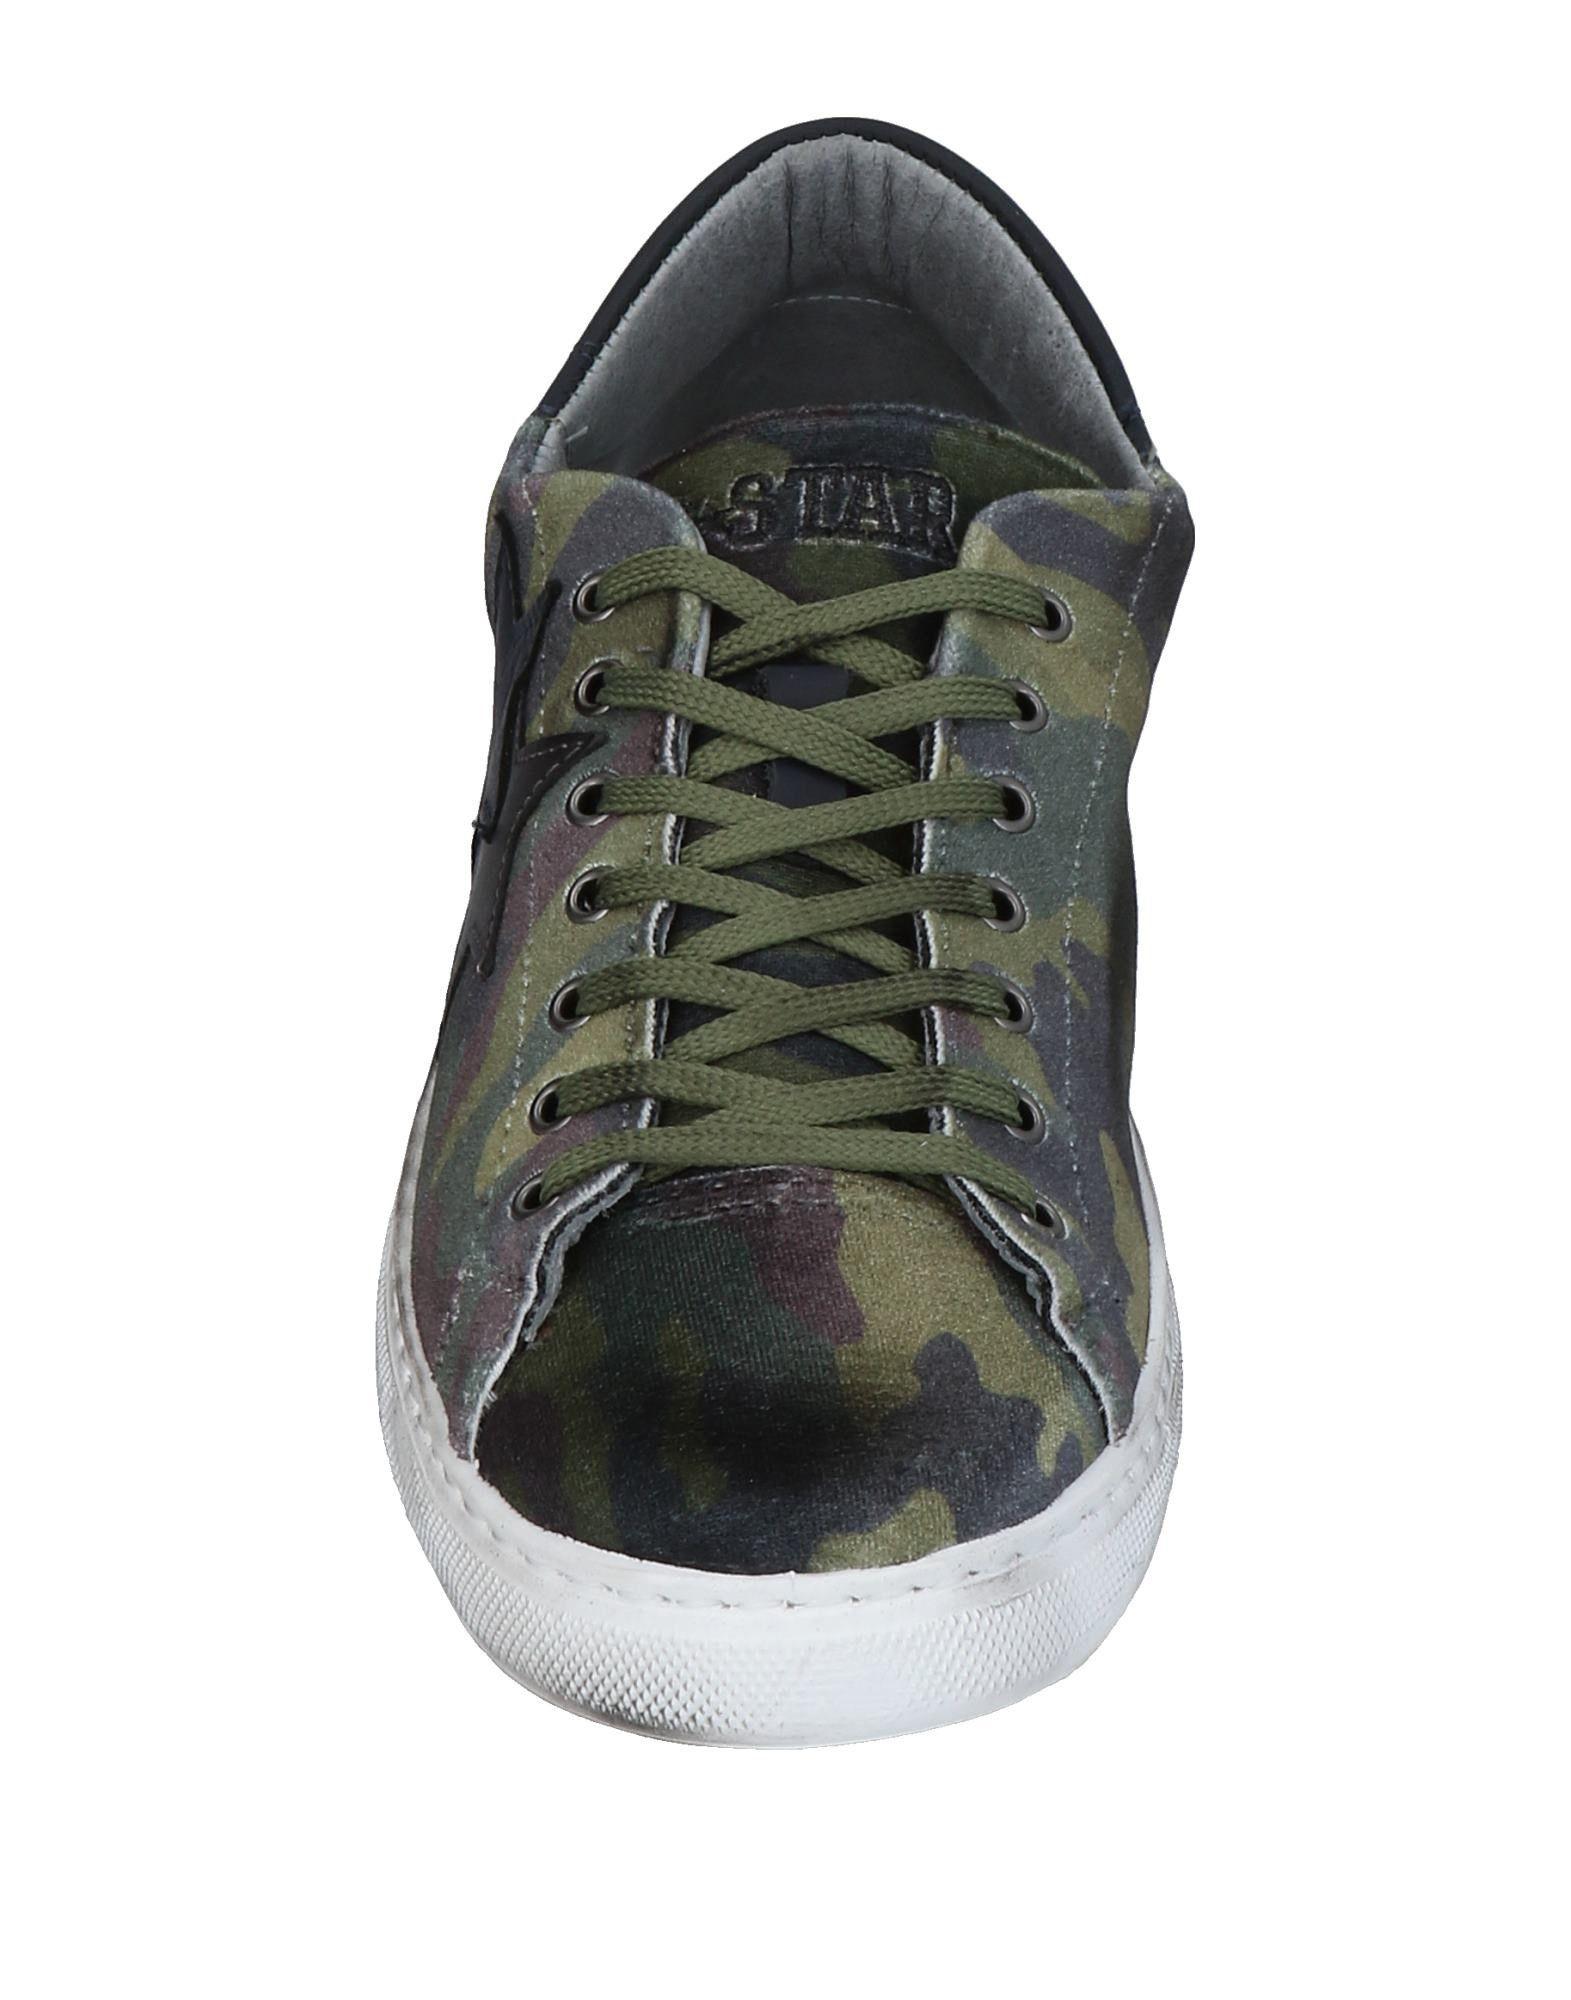 2Star Sneakers Herren Herren Sneakers  11453484CR dfb55f